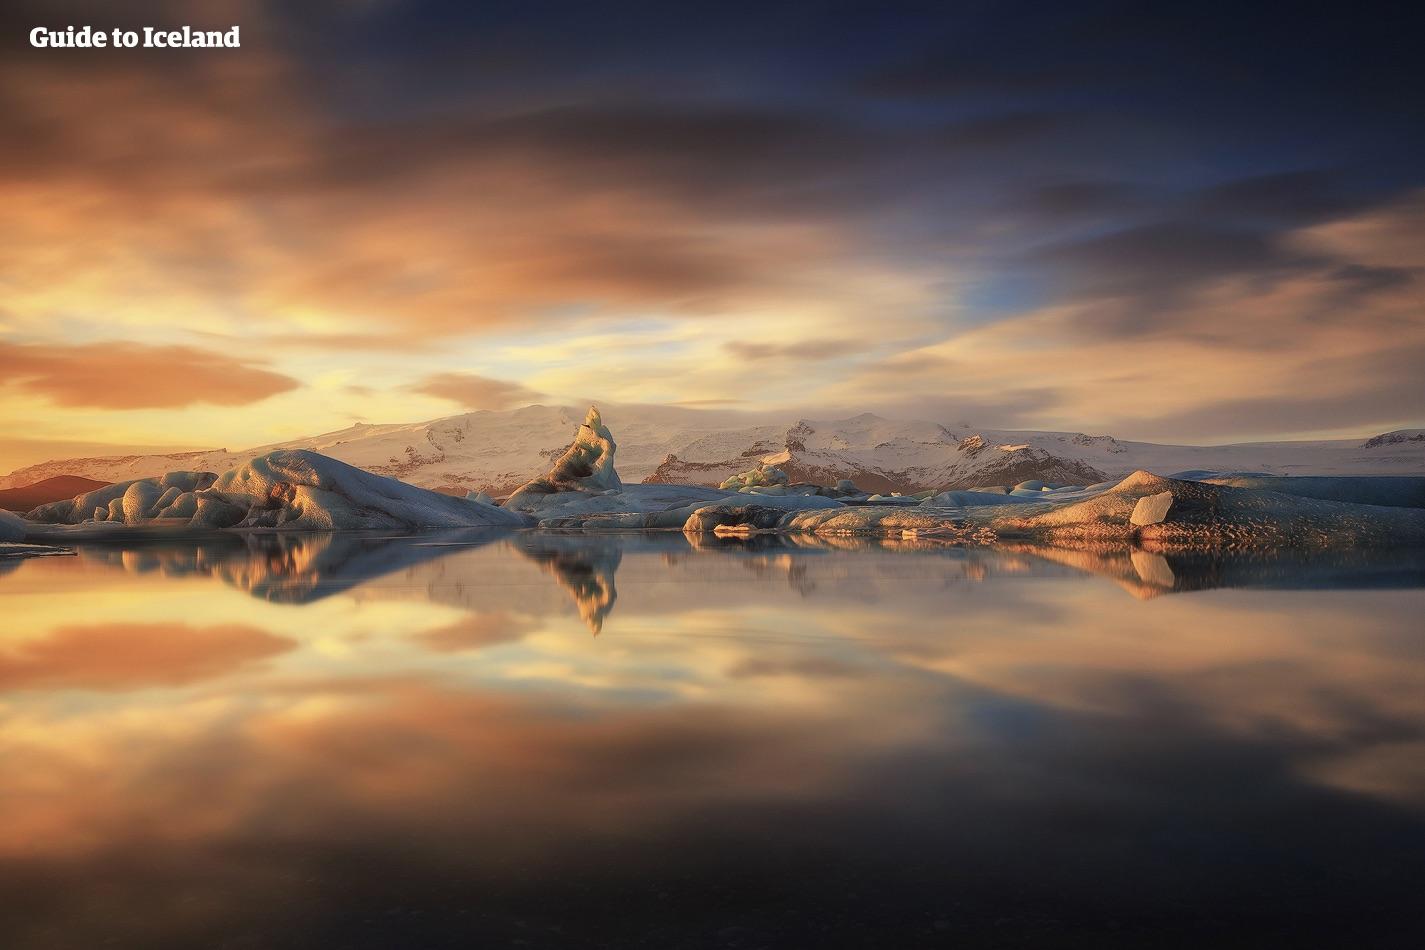 在世界各地游客的眼中杰古沙龙冰河湖是冰岛最有名的景点